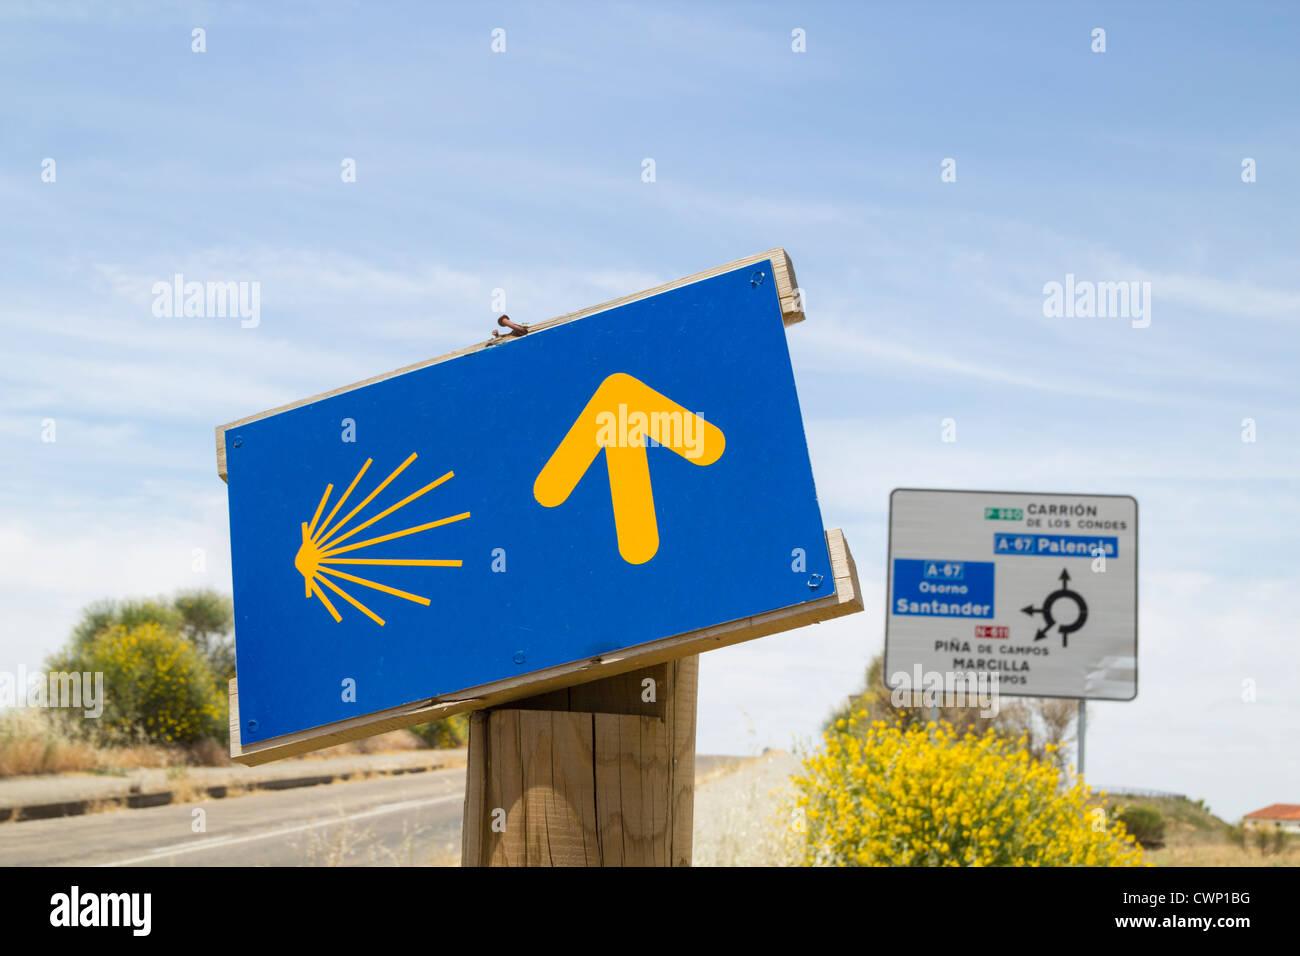 Camino de Santiago footpath sign in Palencia Province, Spain - Stock Image